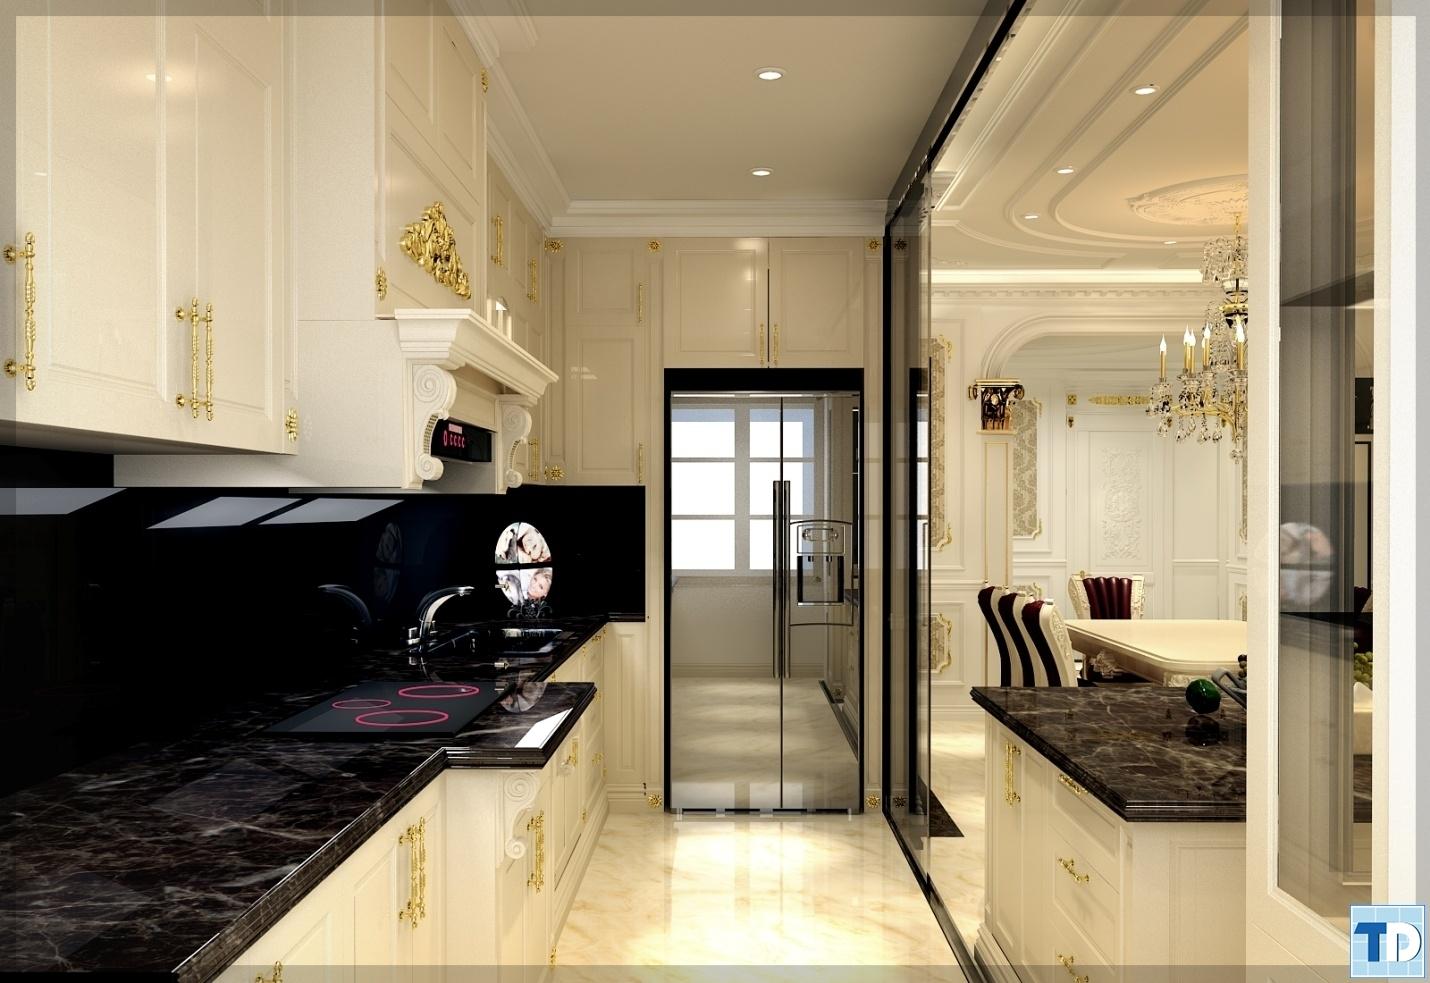 Phòng bếpnhà Anh Hiếu Khu chung cư cao cấp Helios Tower 75 Tam Trinh